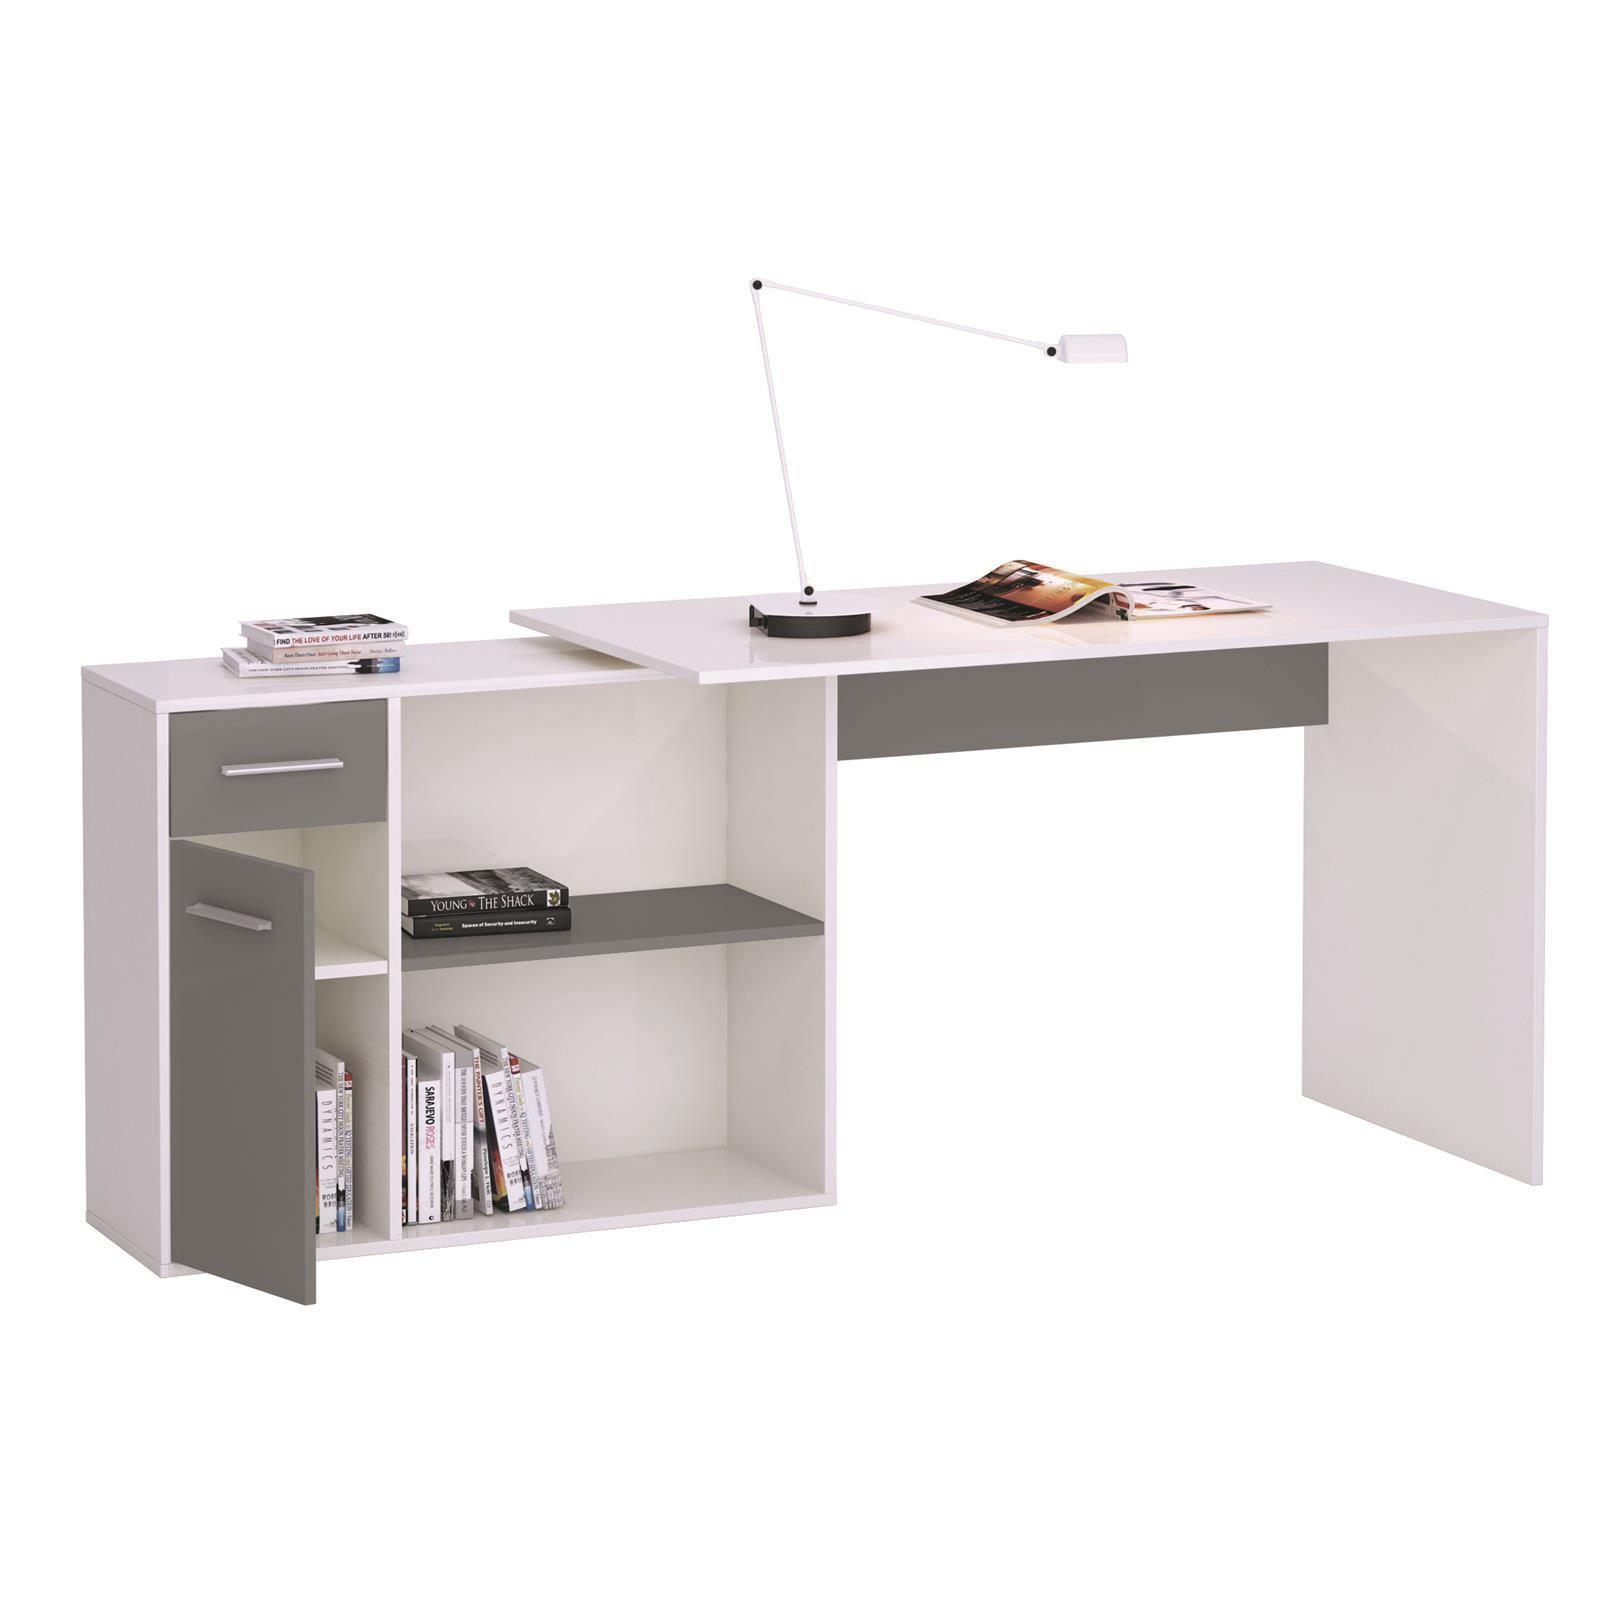 schreibtisch eckschreibtisch kinderschreibtisch. Black Bedroom Furniture Sets. Home Design Ideas